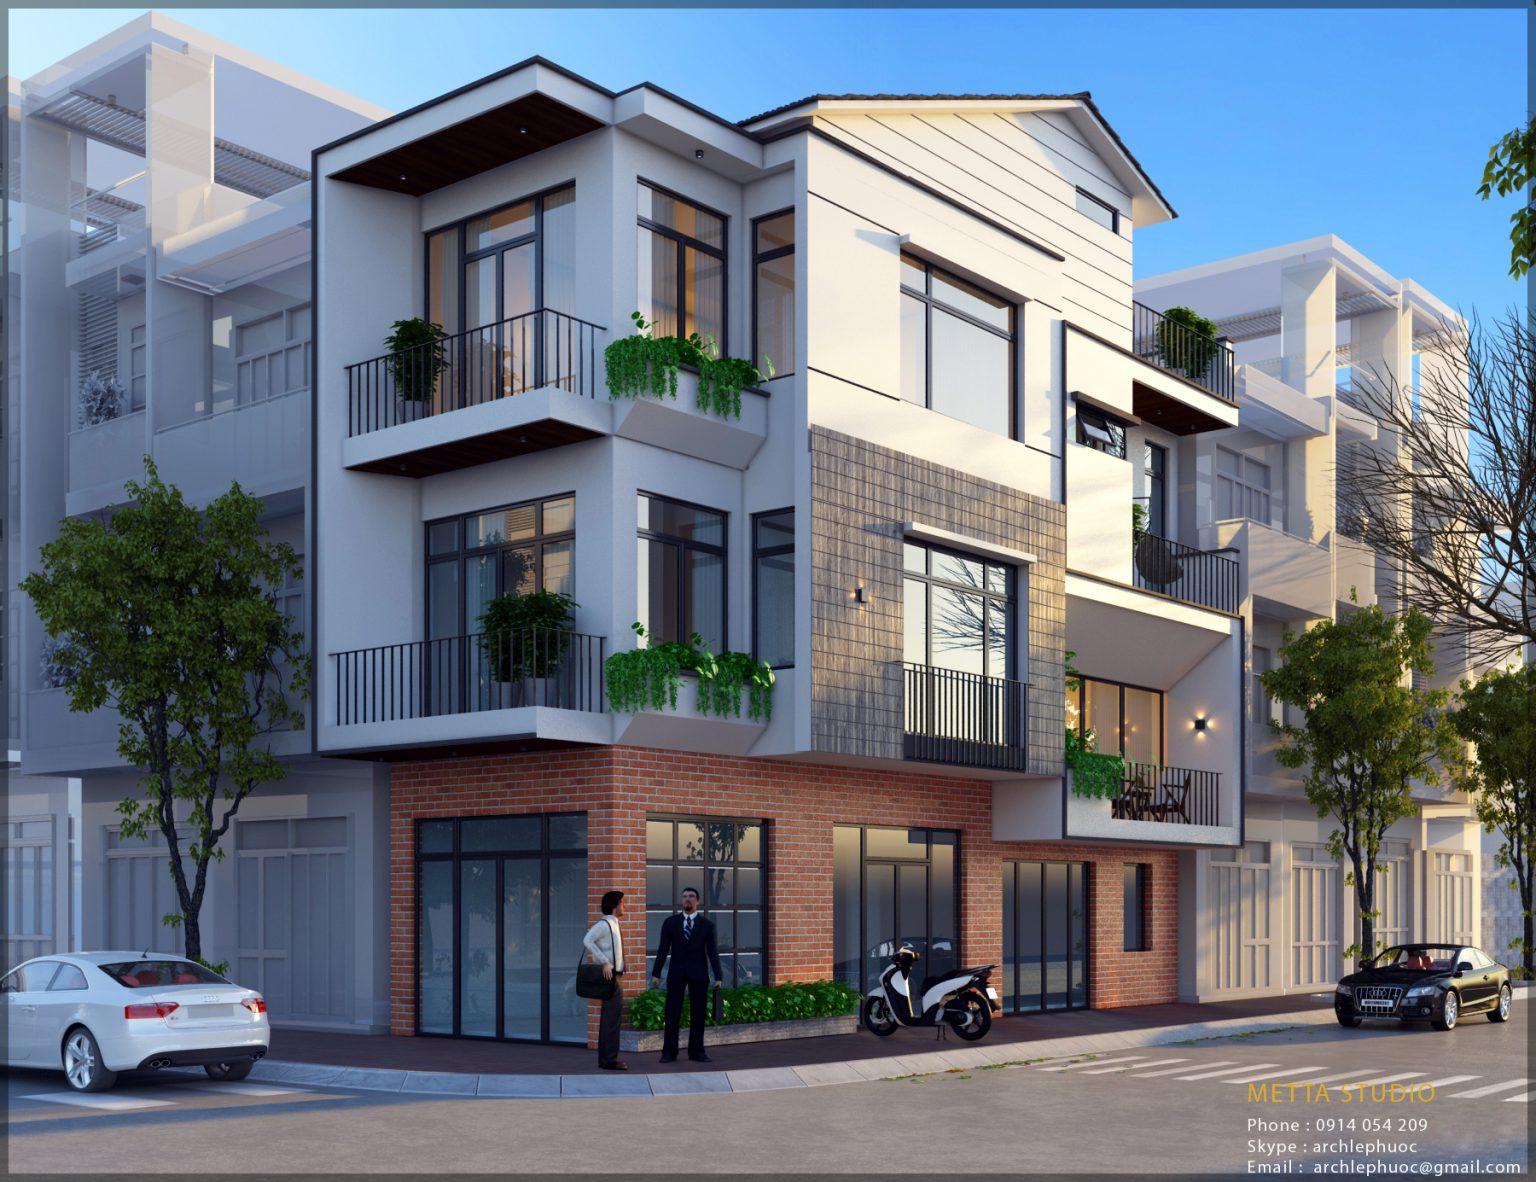 Thiết kế và thi công Metta Studio - Tiết kiệm chi phí khi xây nhà